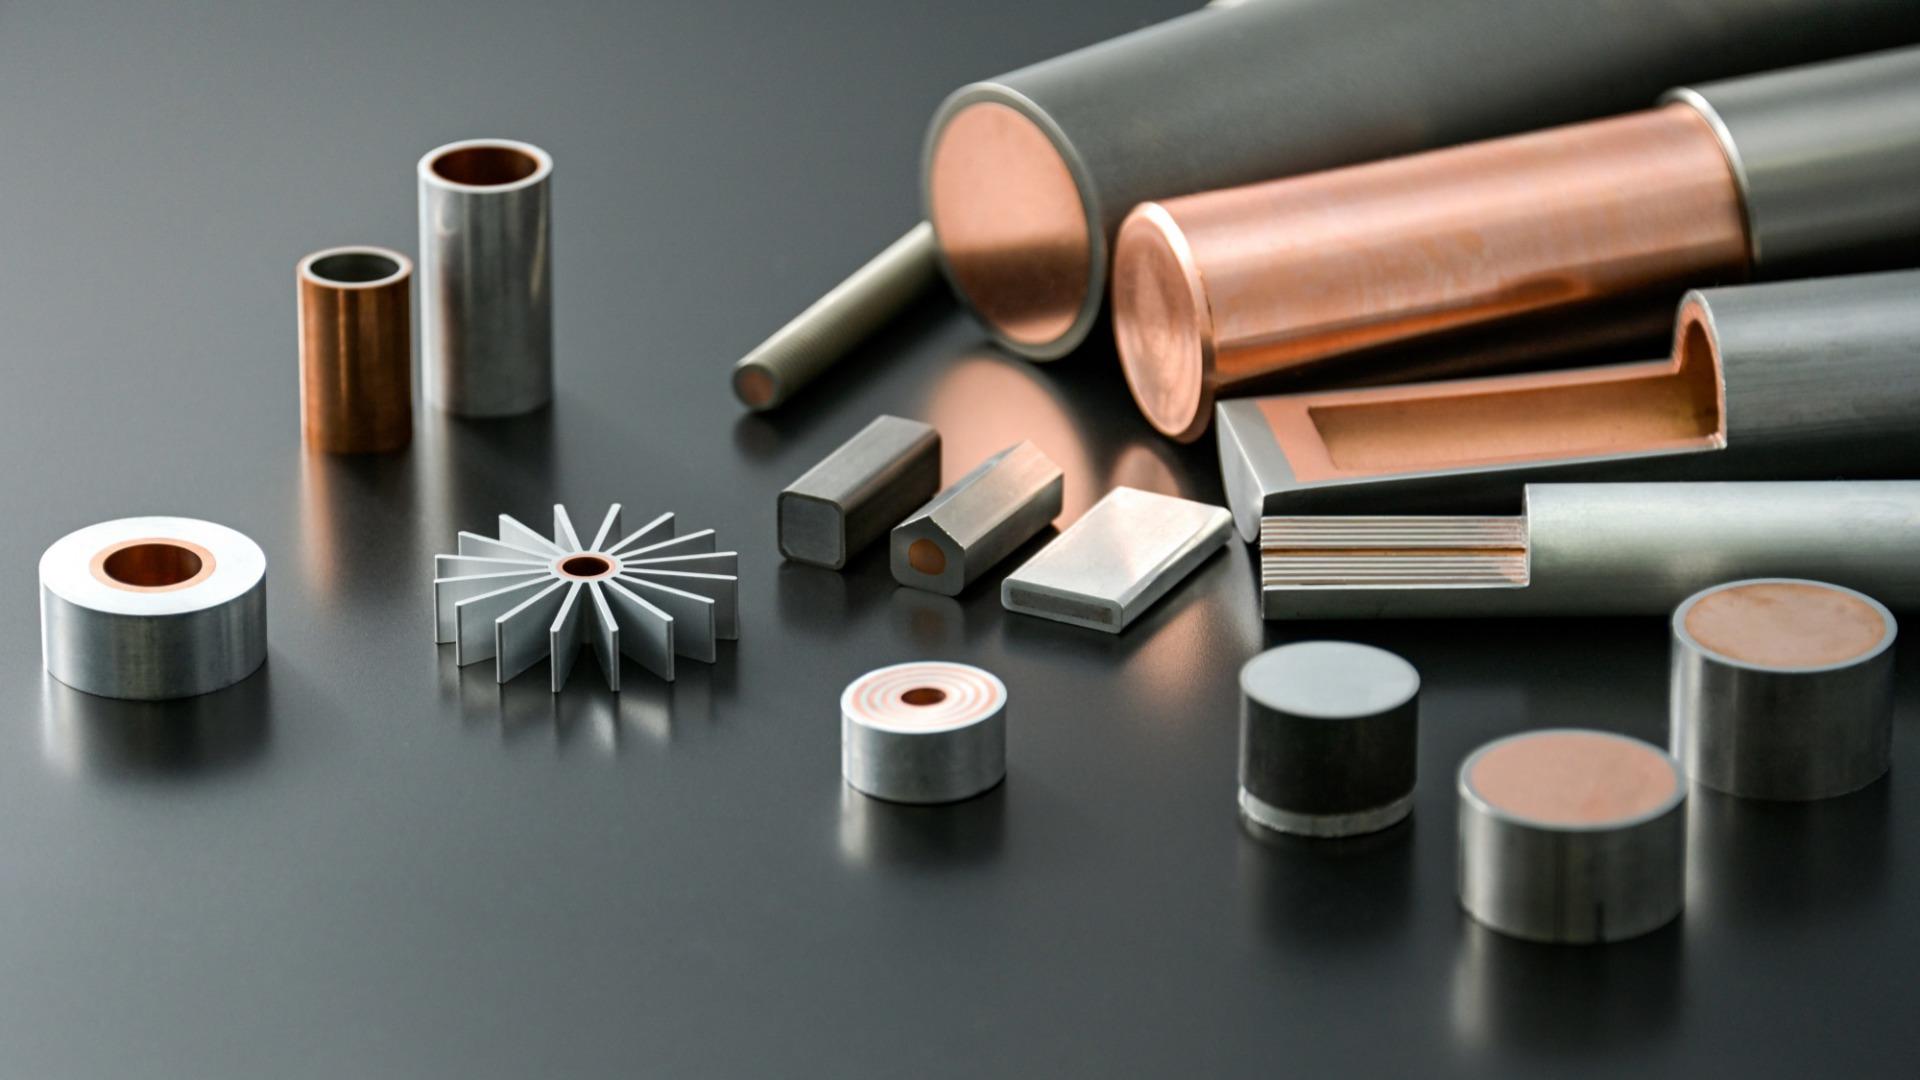 Clad Metal Materials